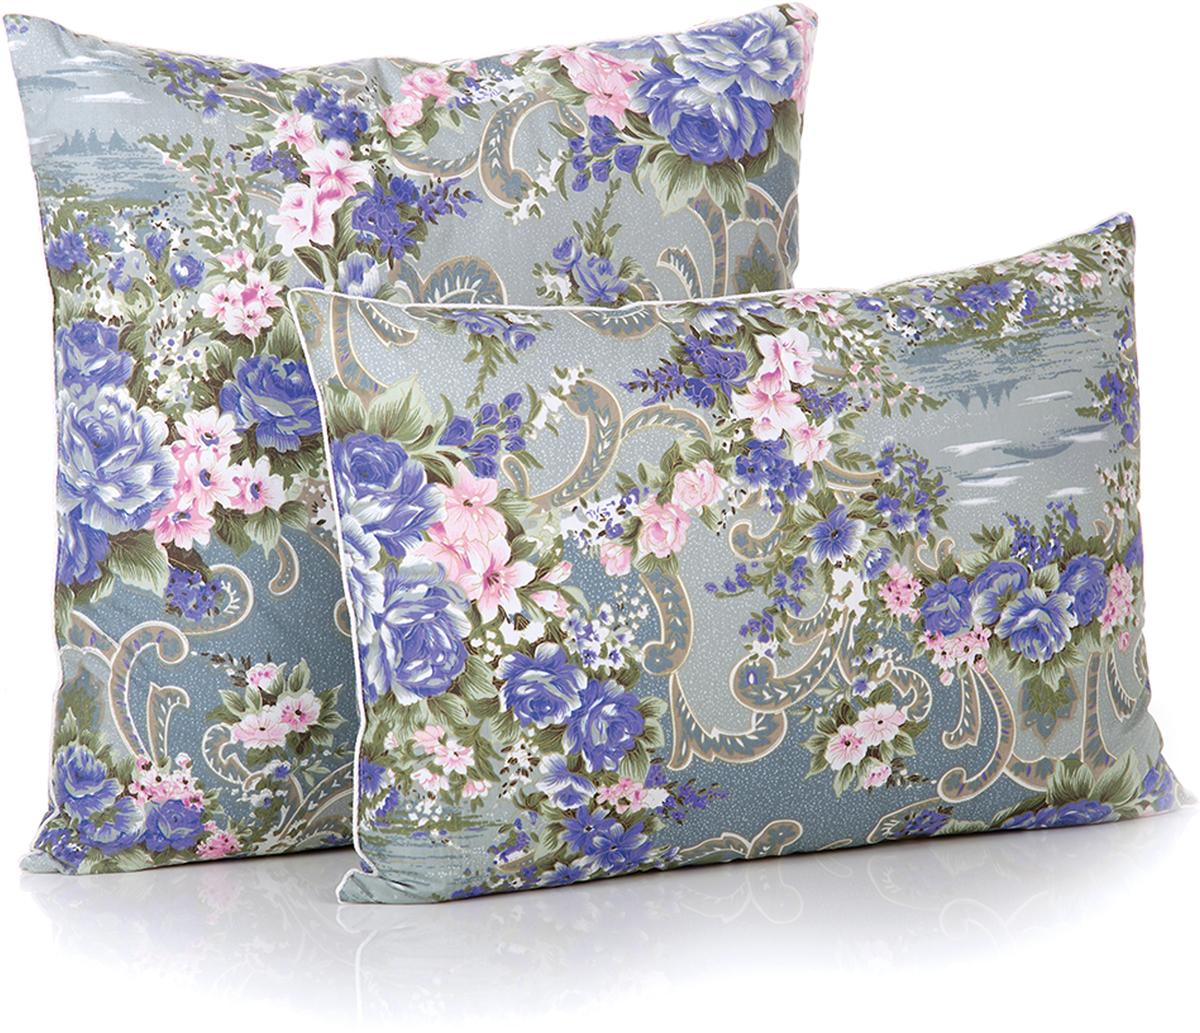 Подушка Belashoff Оптима, цвет: серый, синий, розовый, 50 х 70 смПО 2Традиционный пухо-перовой наполнитель подушки прошел все этапы современной очистки и обработки. Хлопковая ткань верха и отличный натуральный наполнитель - это ОПТИМАльное решение для Вашего сна.